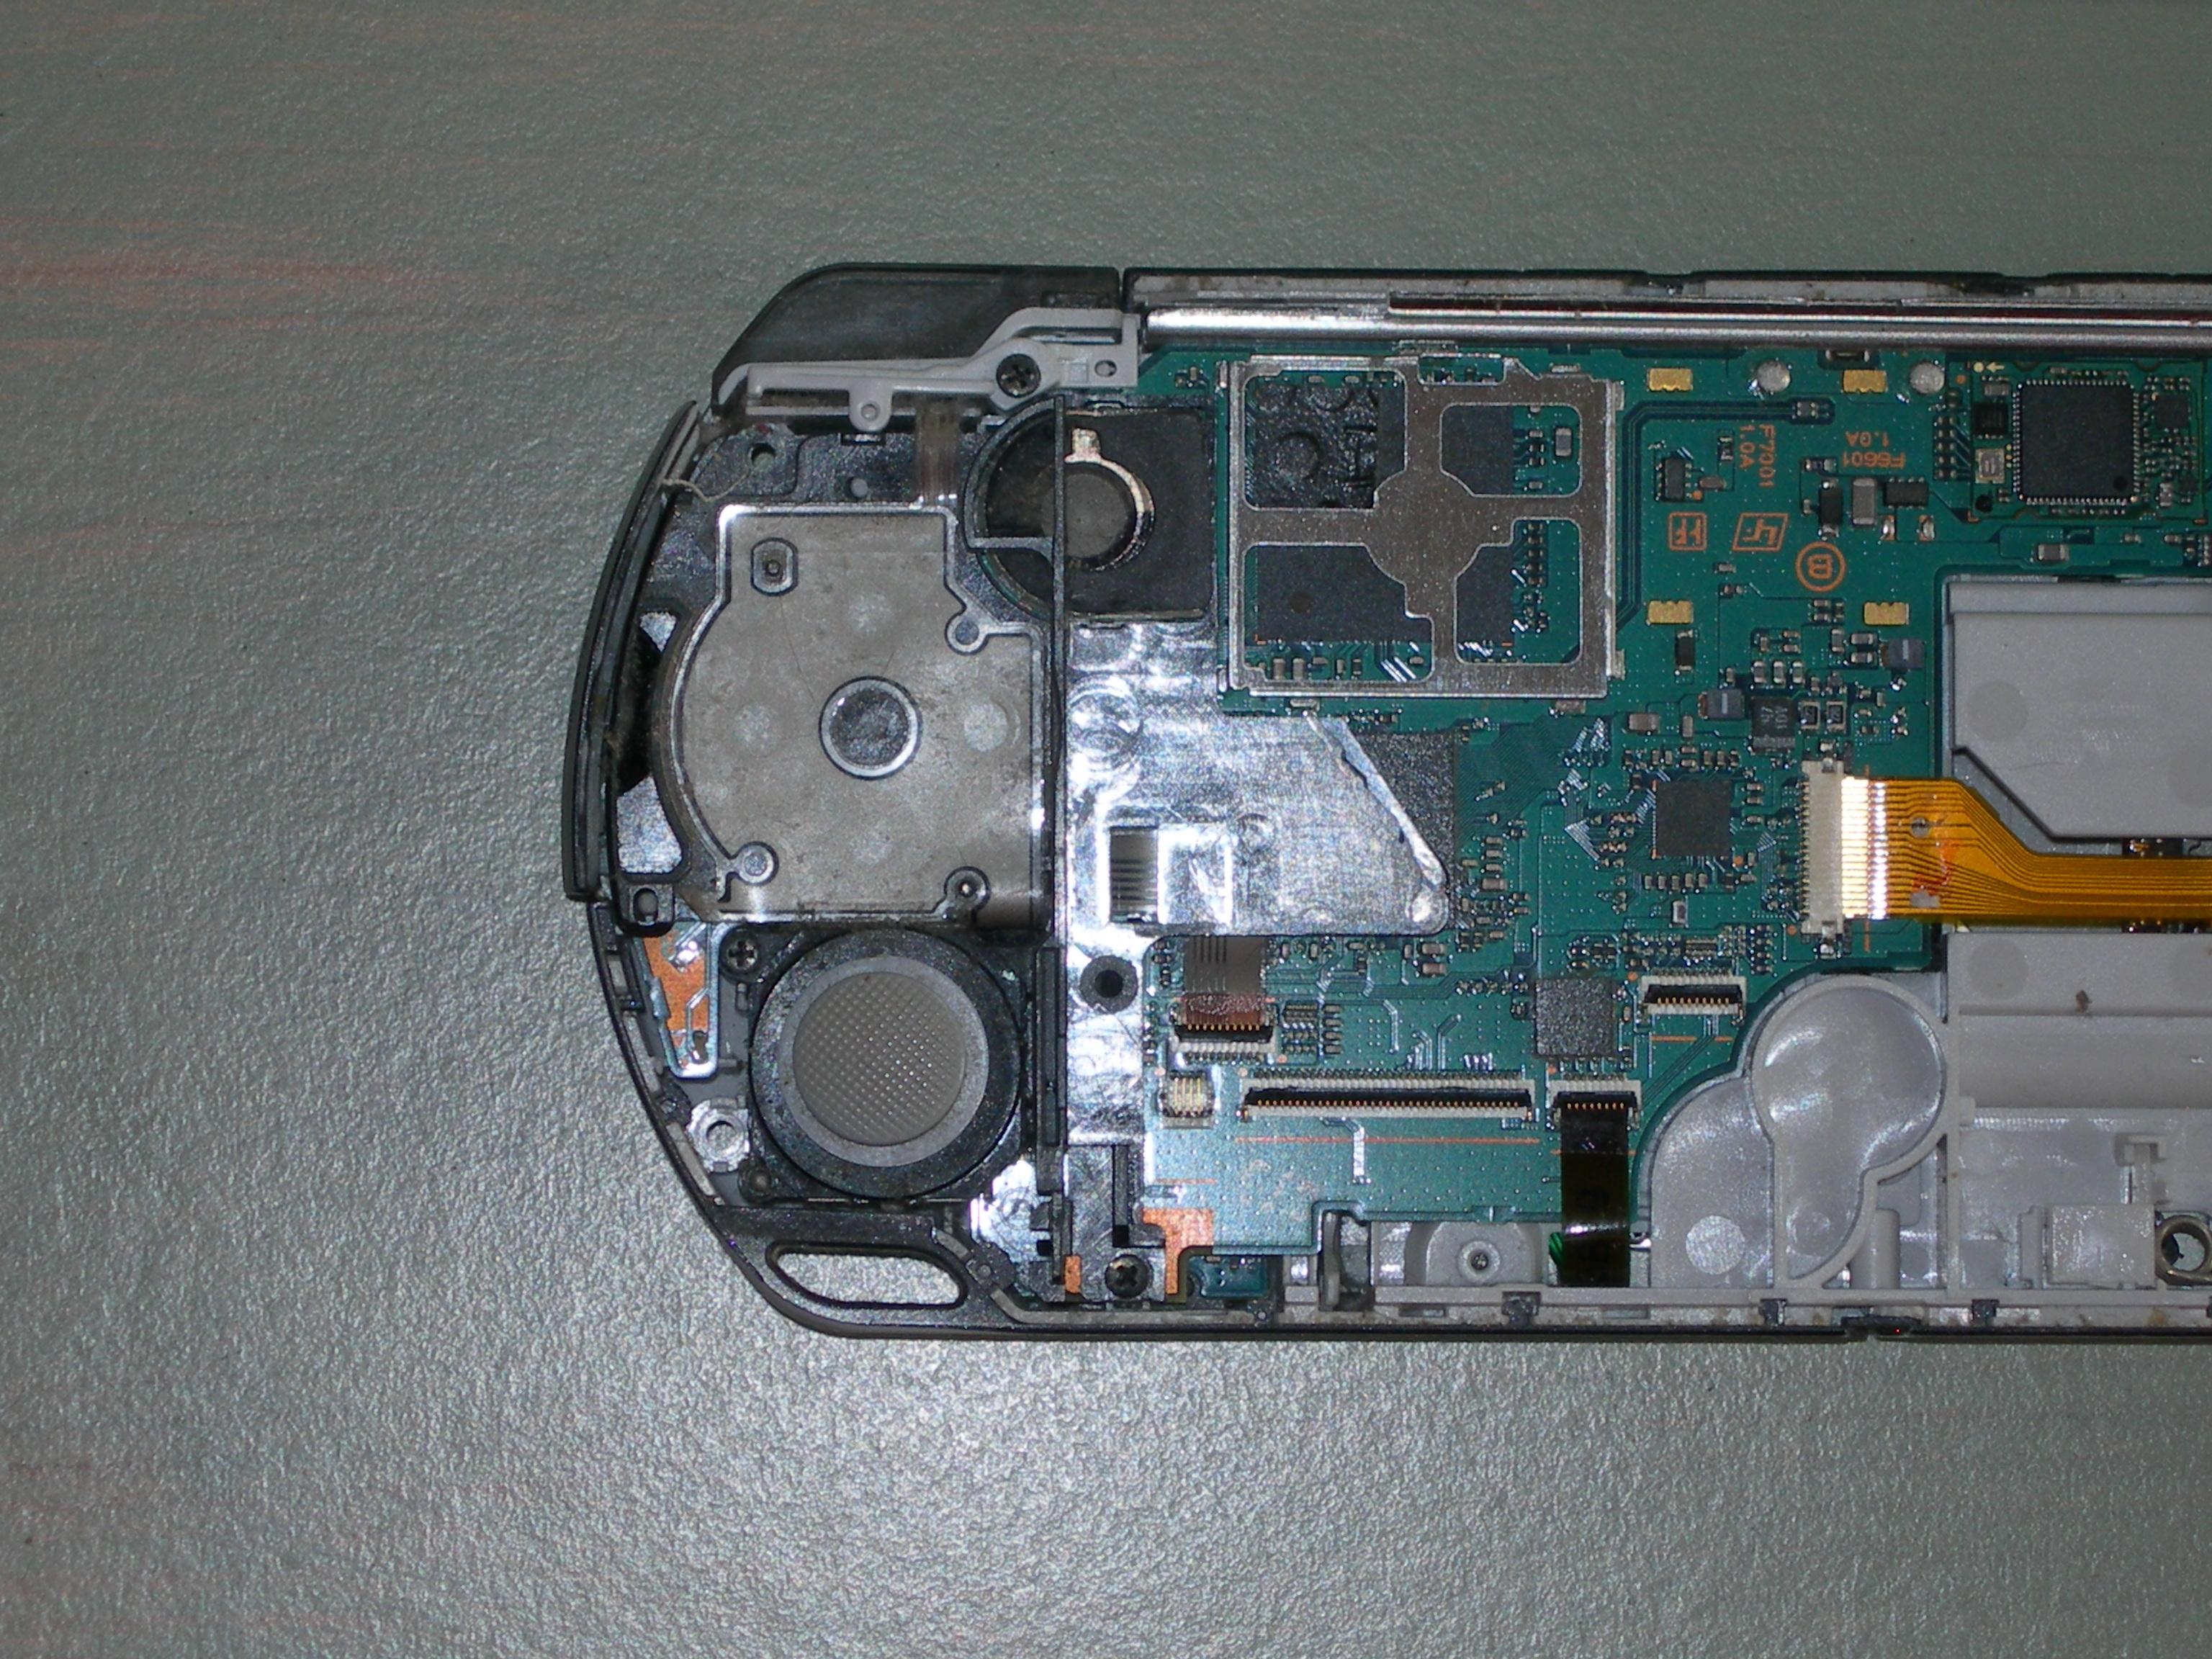 PSP 2000 8B - Konsola sie nie wlacza, swieci sie czerwona dioda.